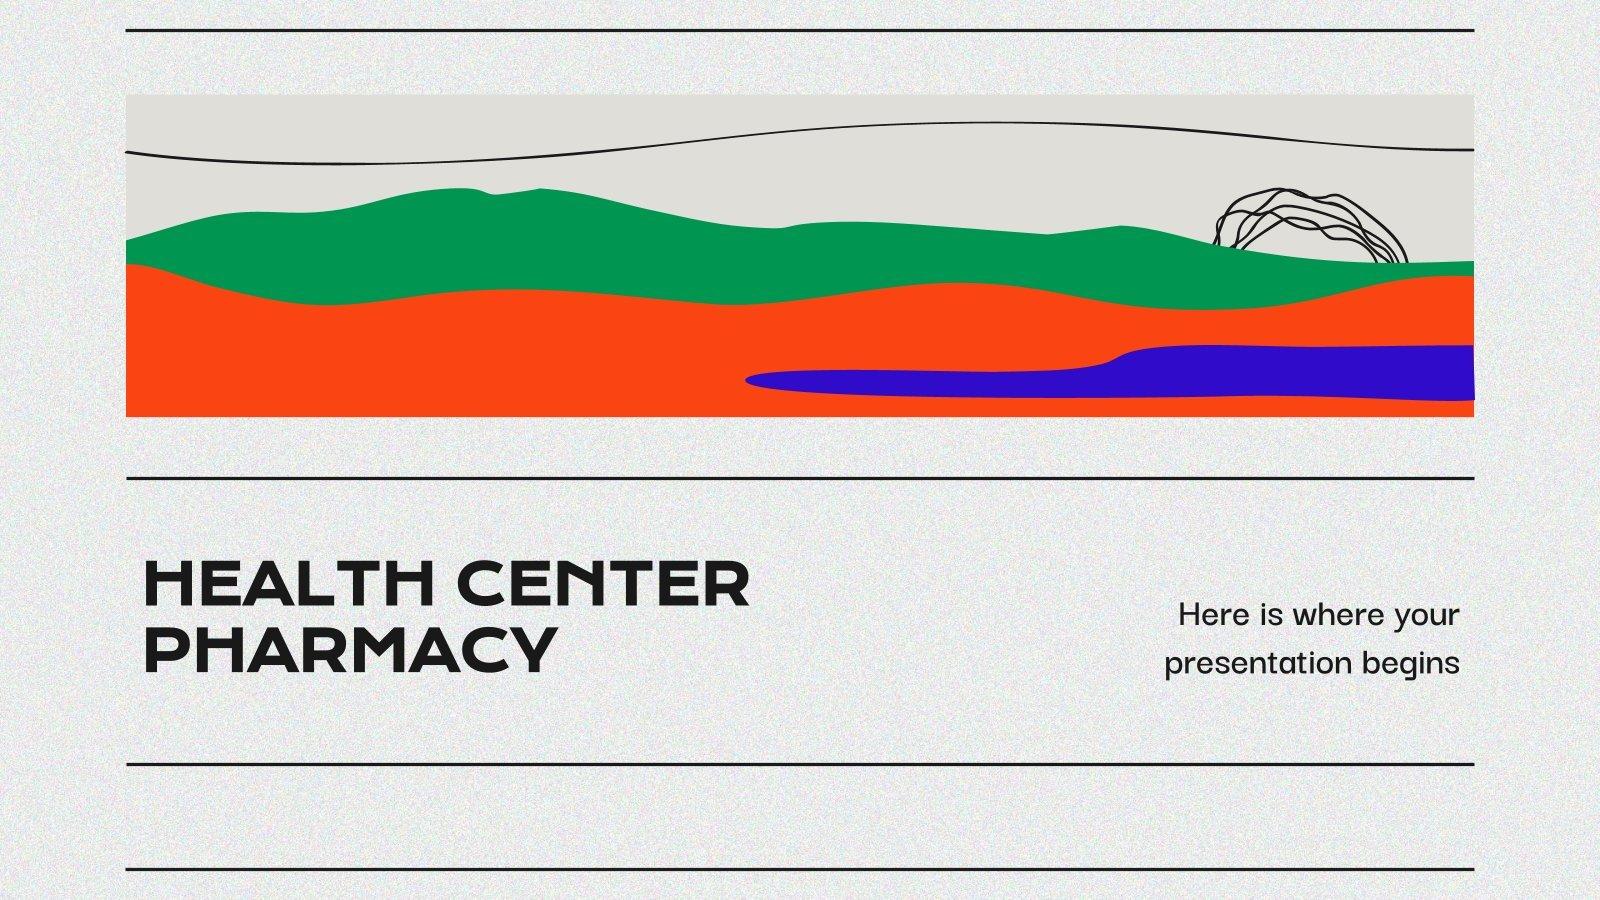 Gesundheitszentrum: Apotheke Präsentationsvorlage